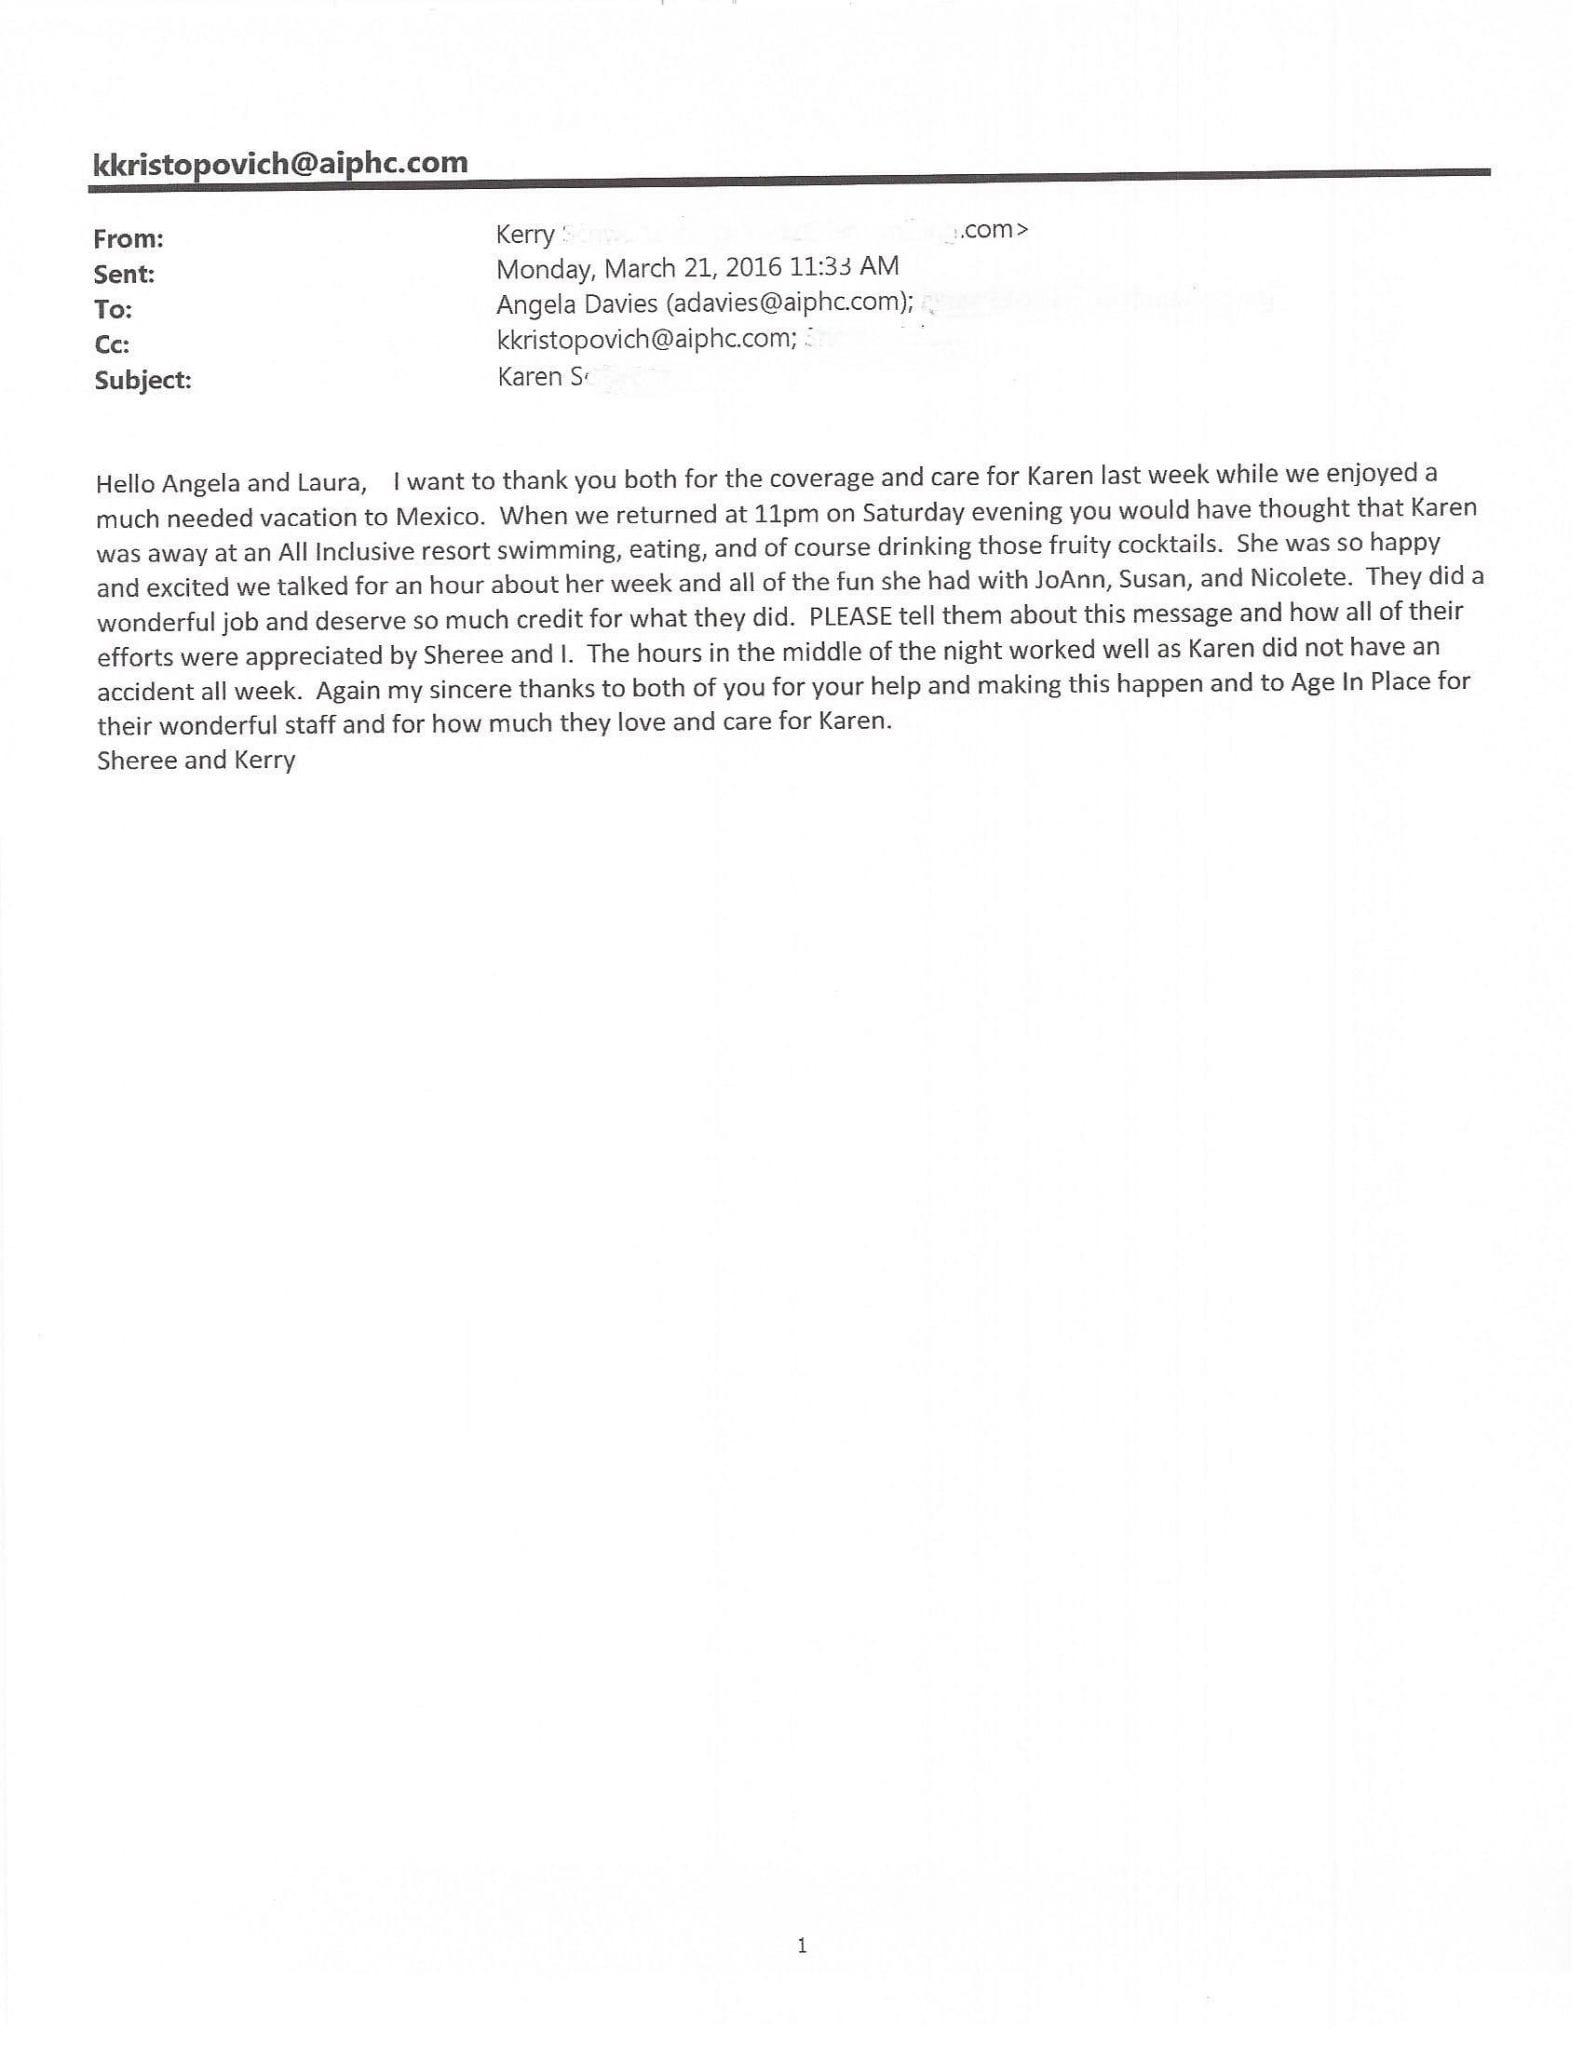 Kerry - AIPHC Testimonial